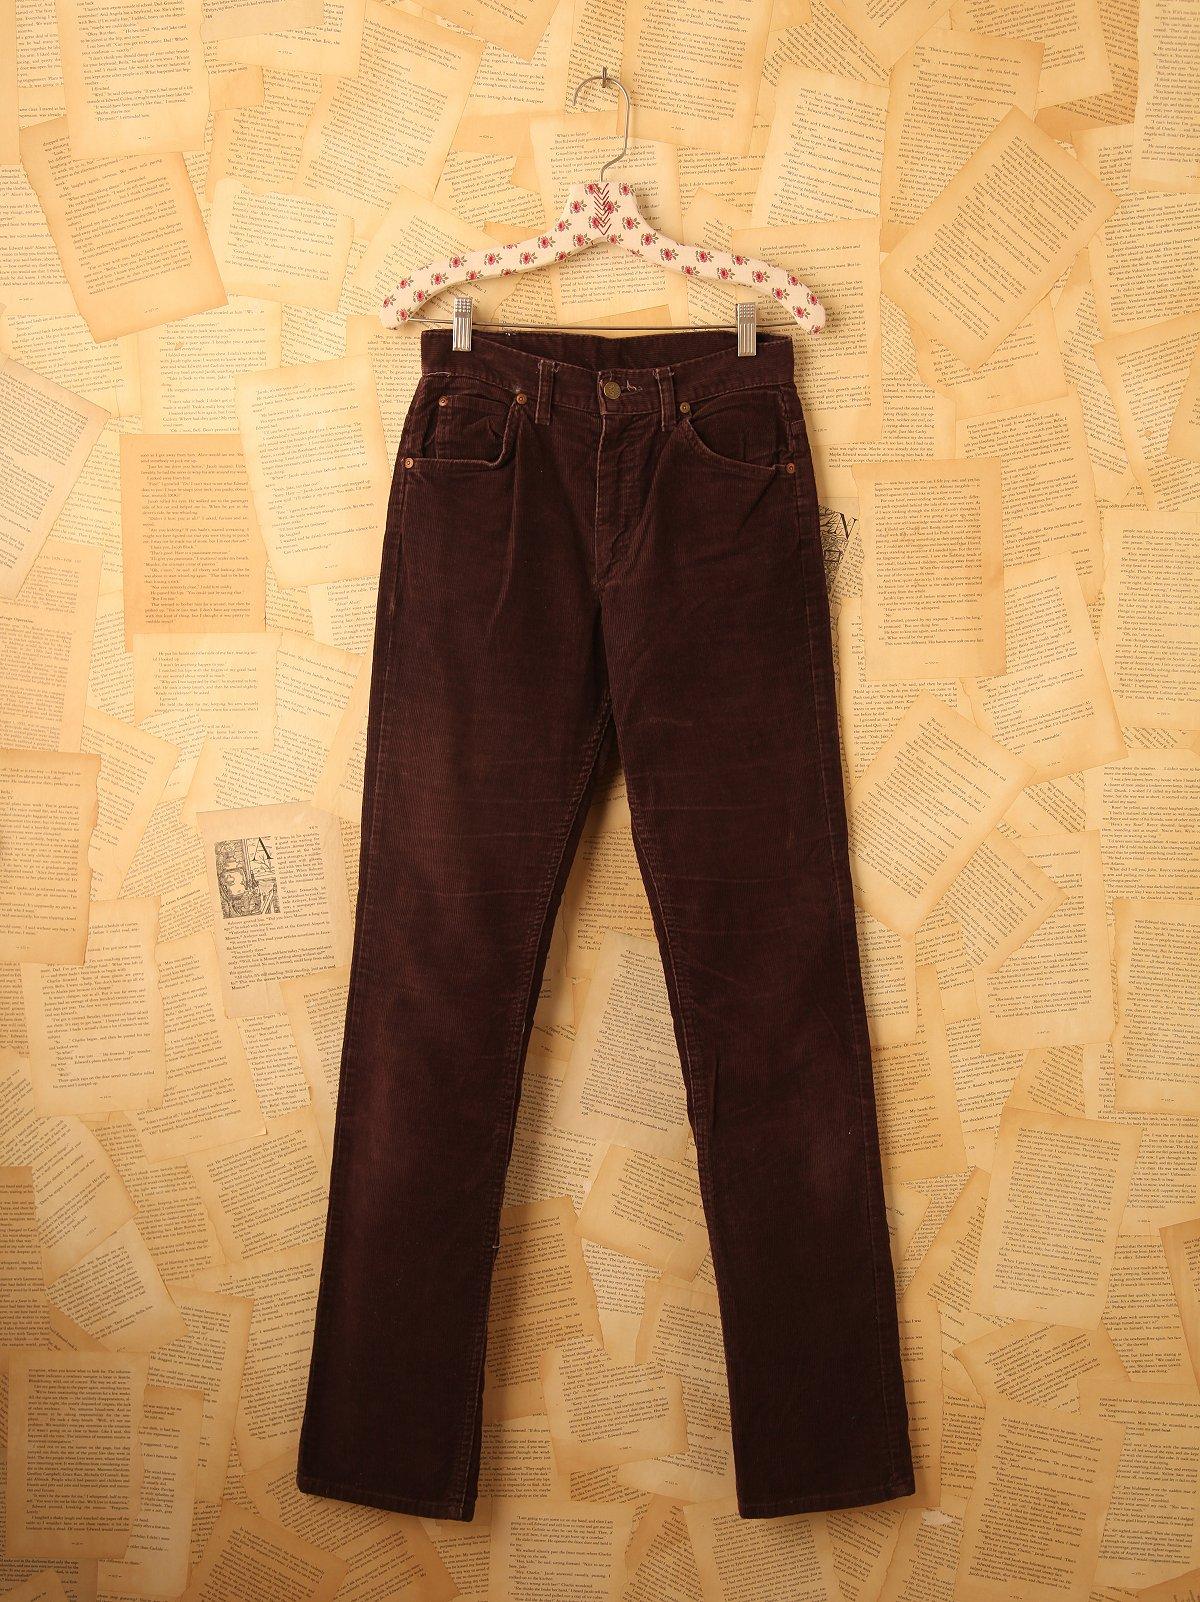 Vintage 1970s Lee Cords